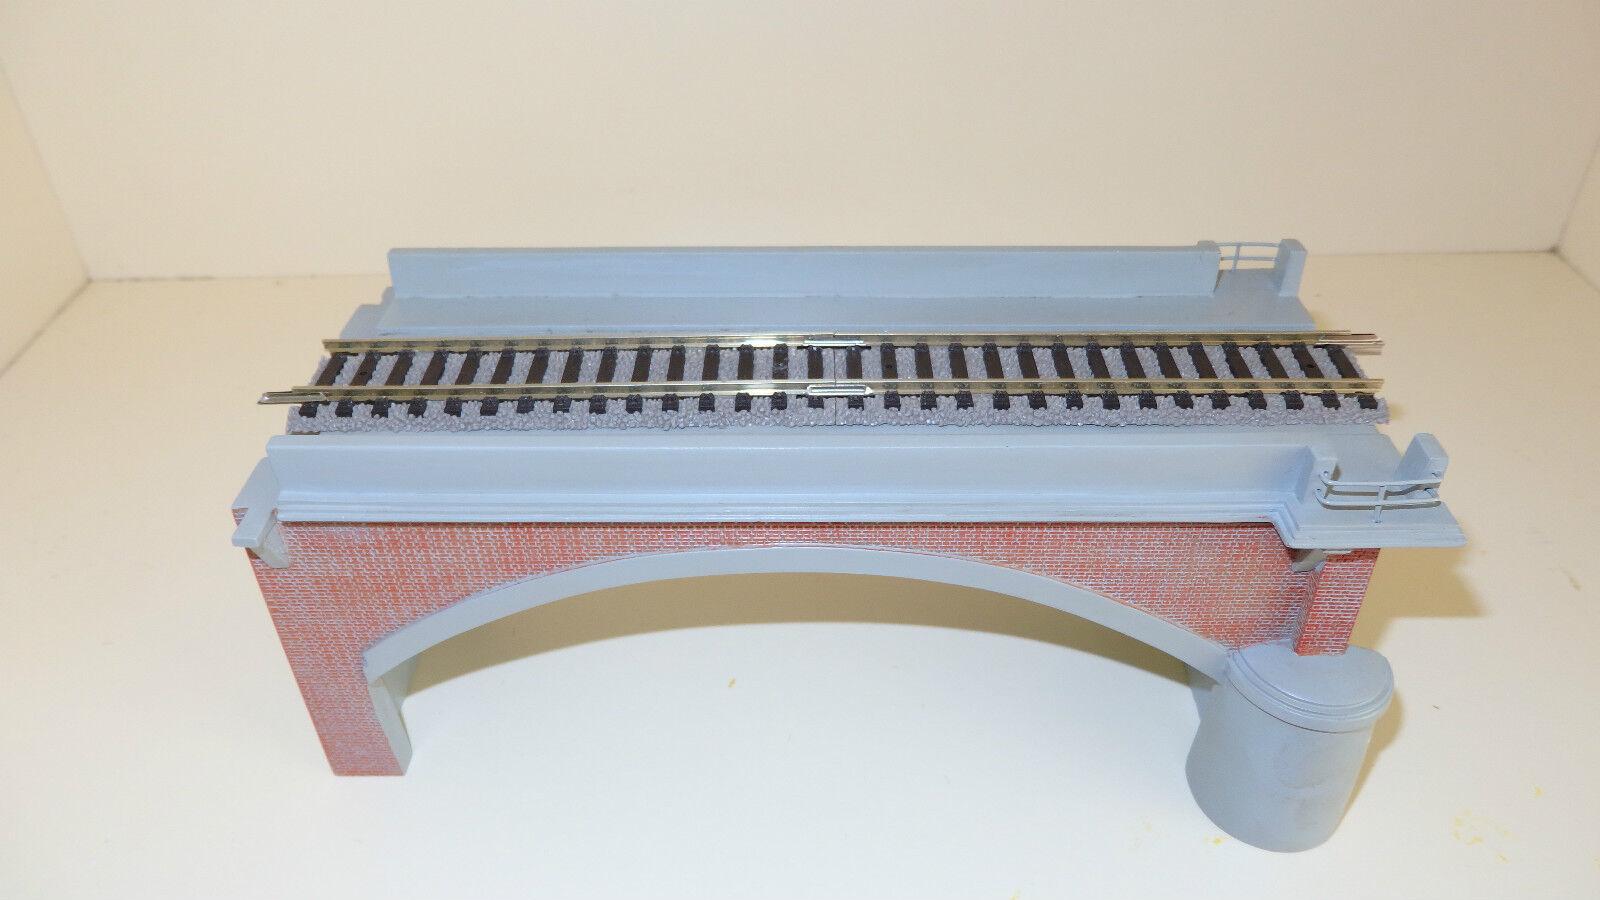 Diorama Exposición con Puente Rivarossi y Vías con Capa de Balasto Ho